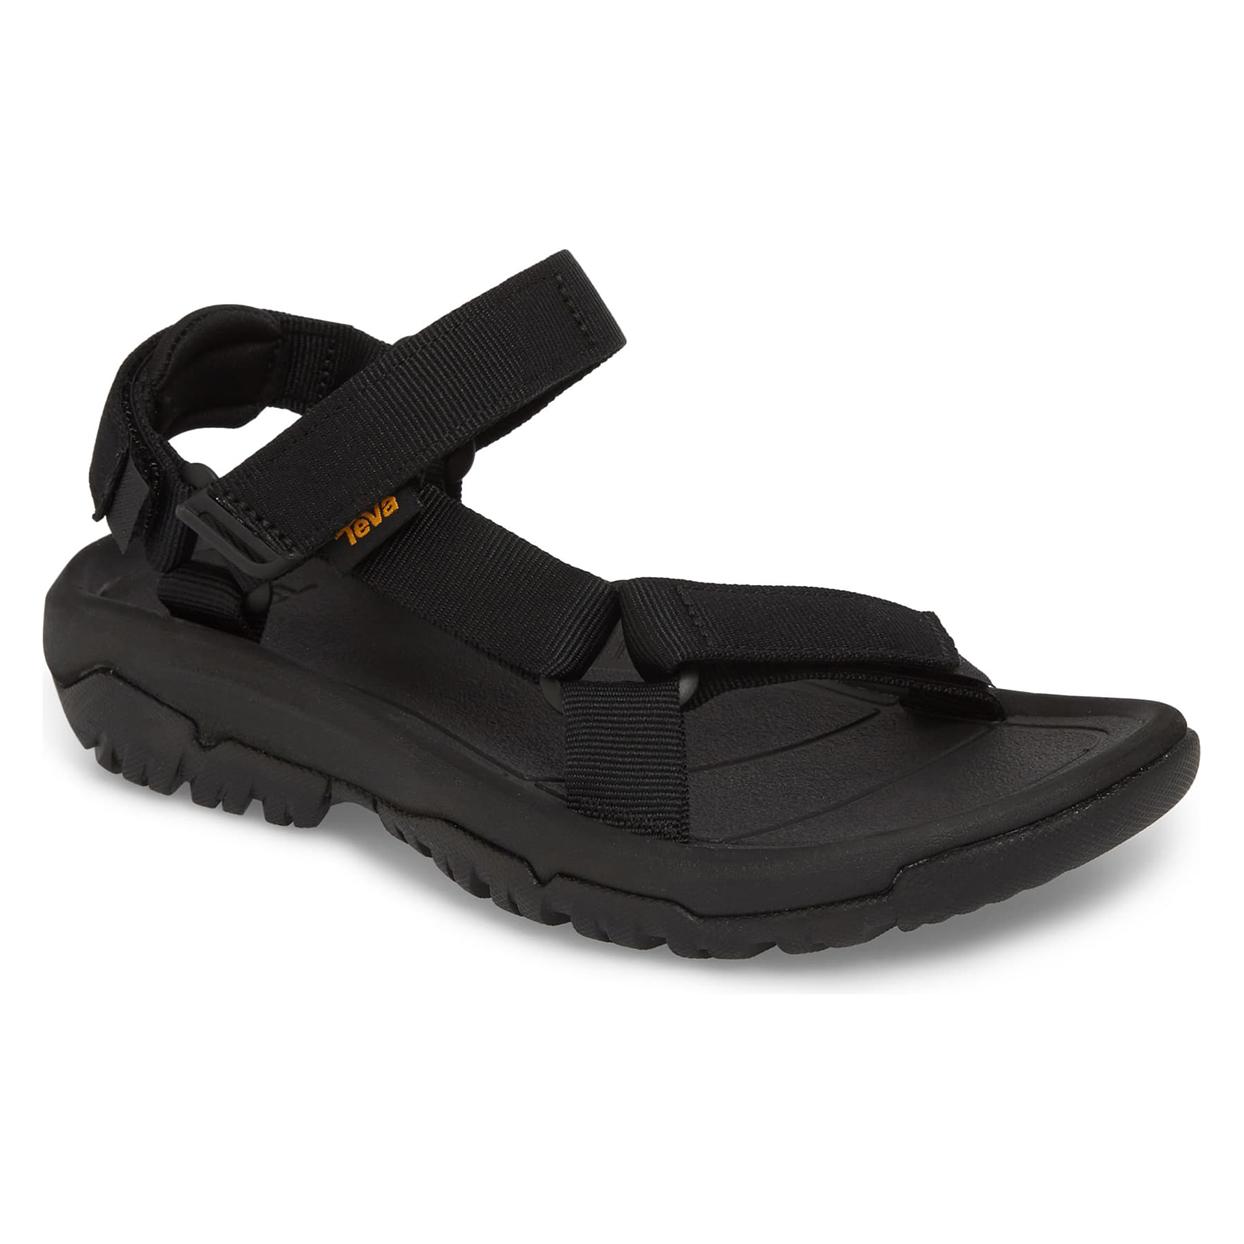 teva-hurricane-xlt-2-sandal.jpg